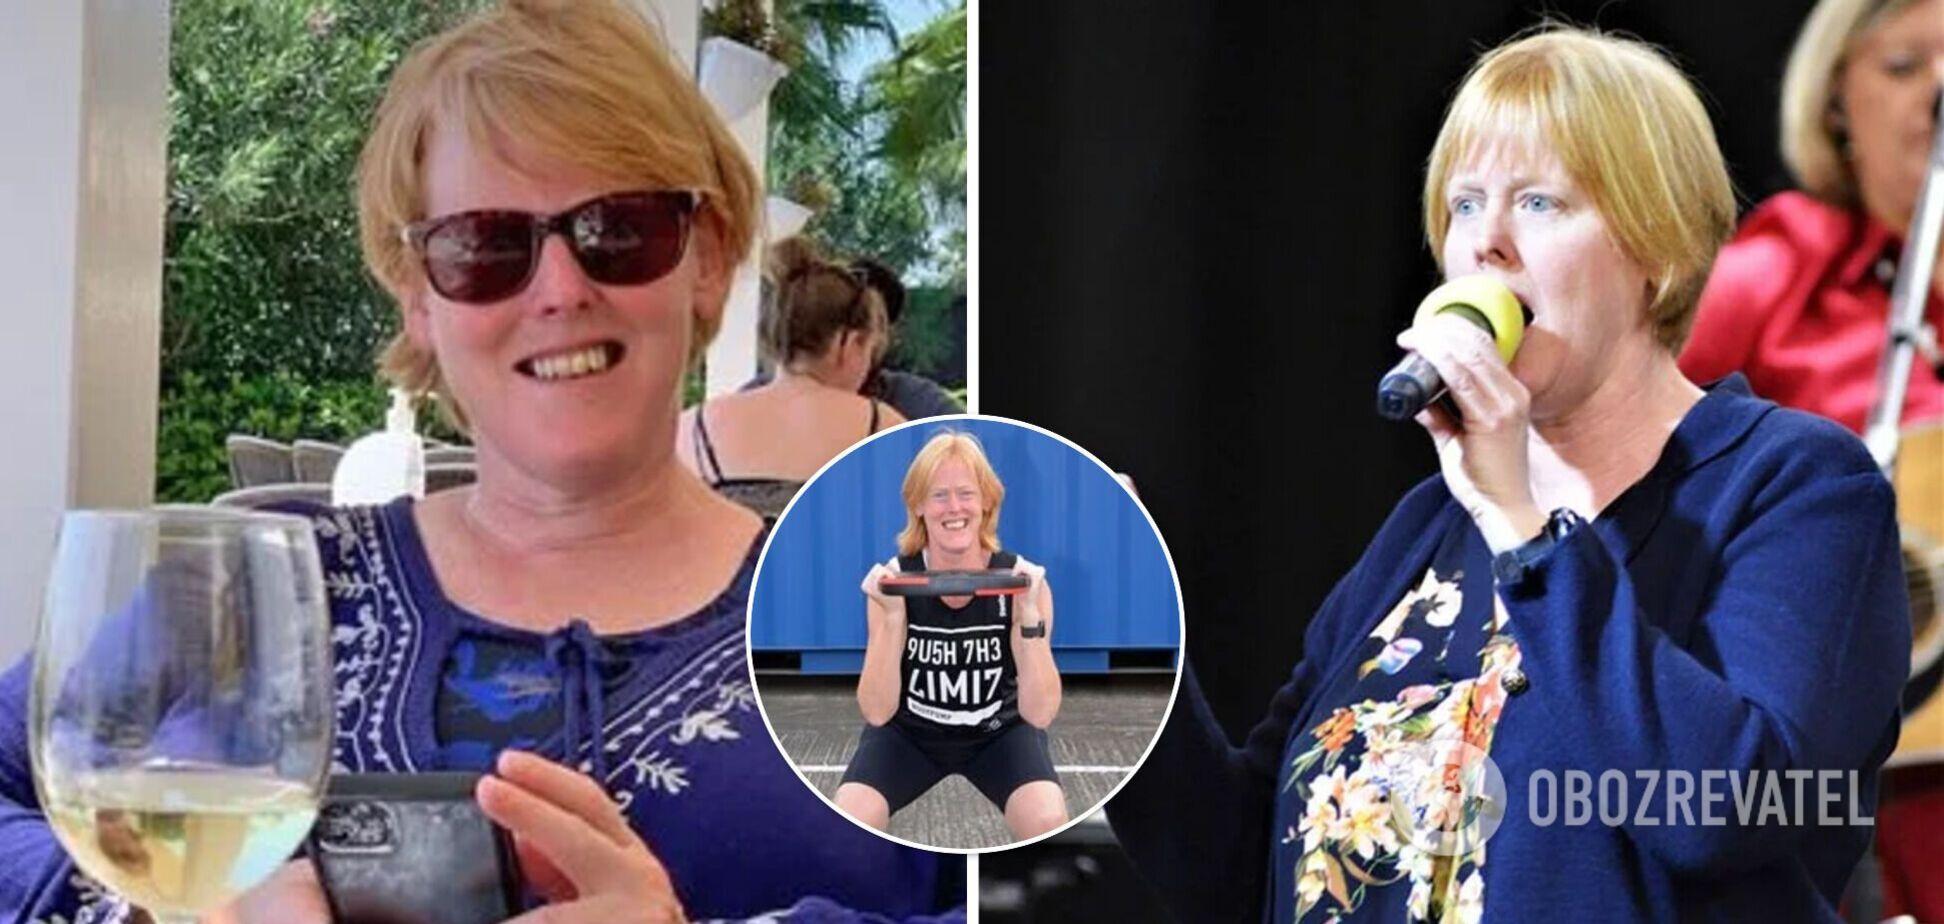 51-річна жінка схудла на 23 кг і змінилася до невпізнання. Фото до і після